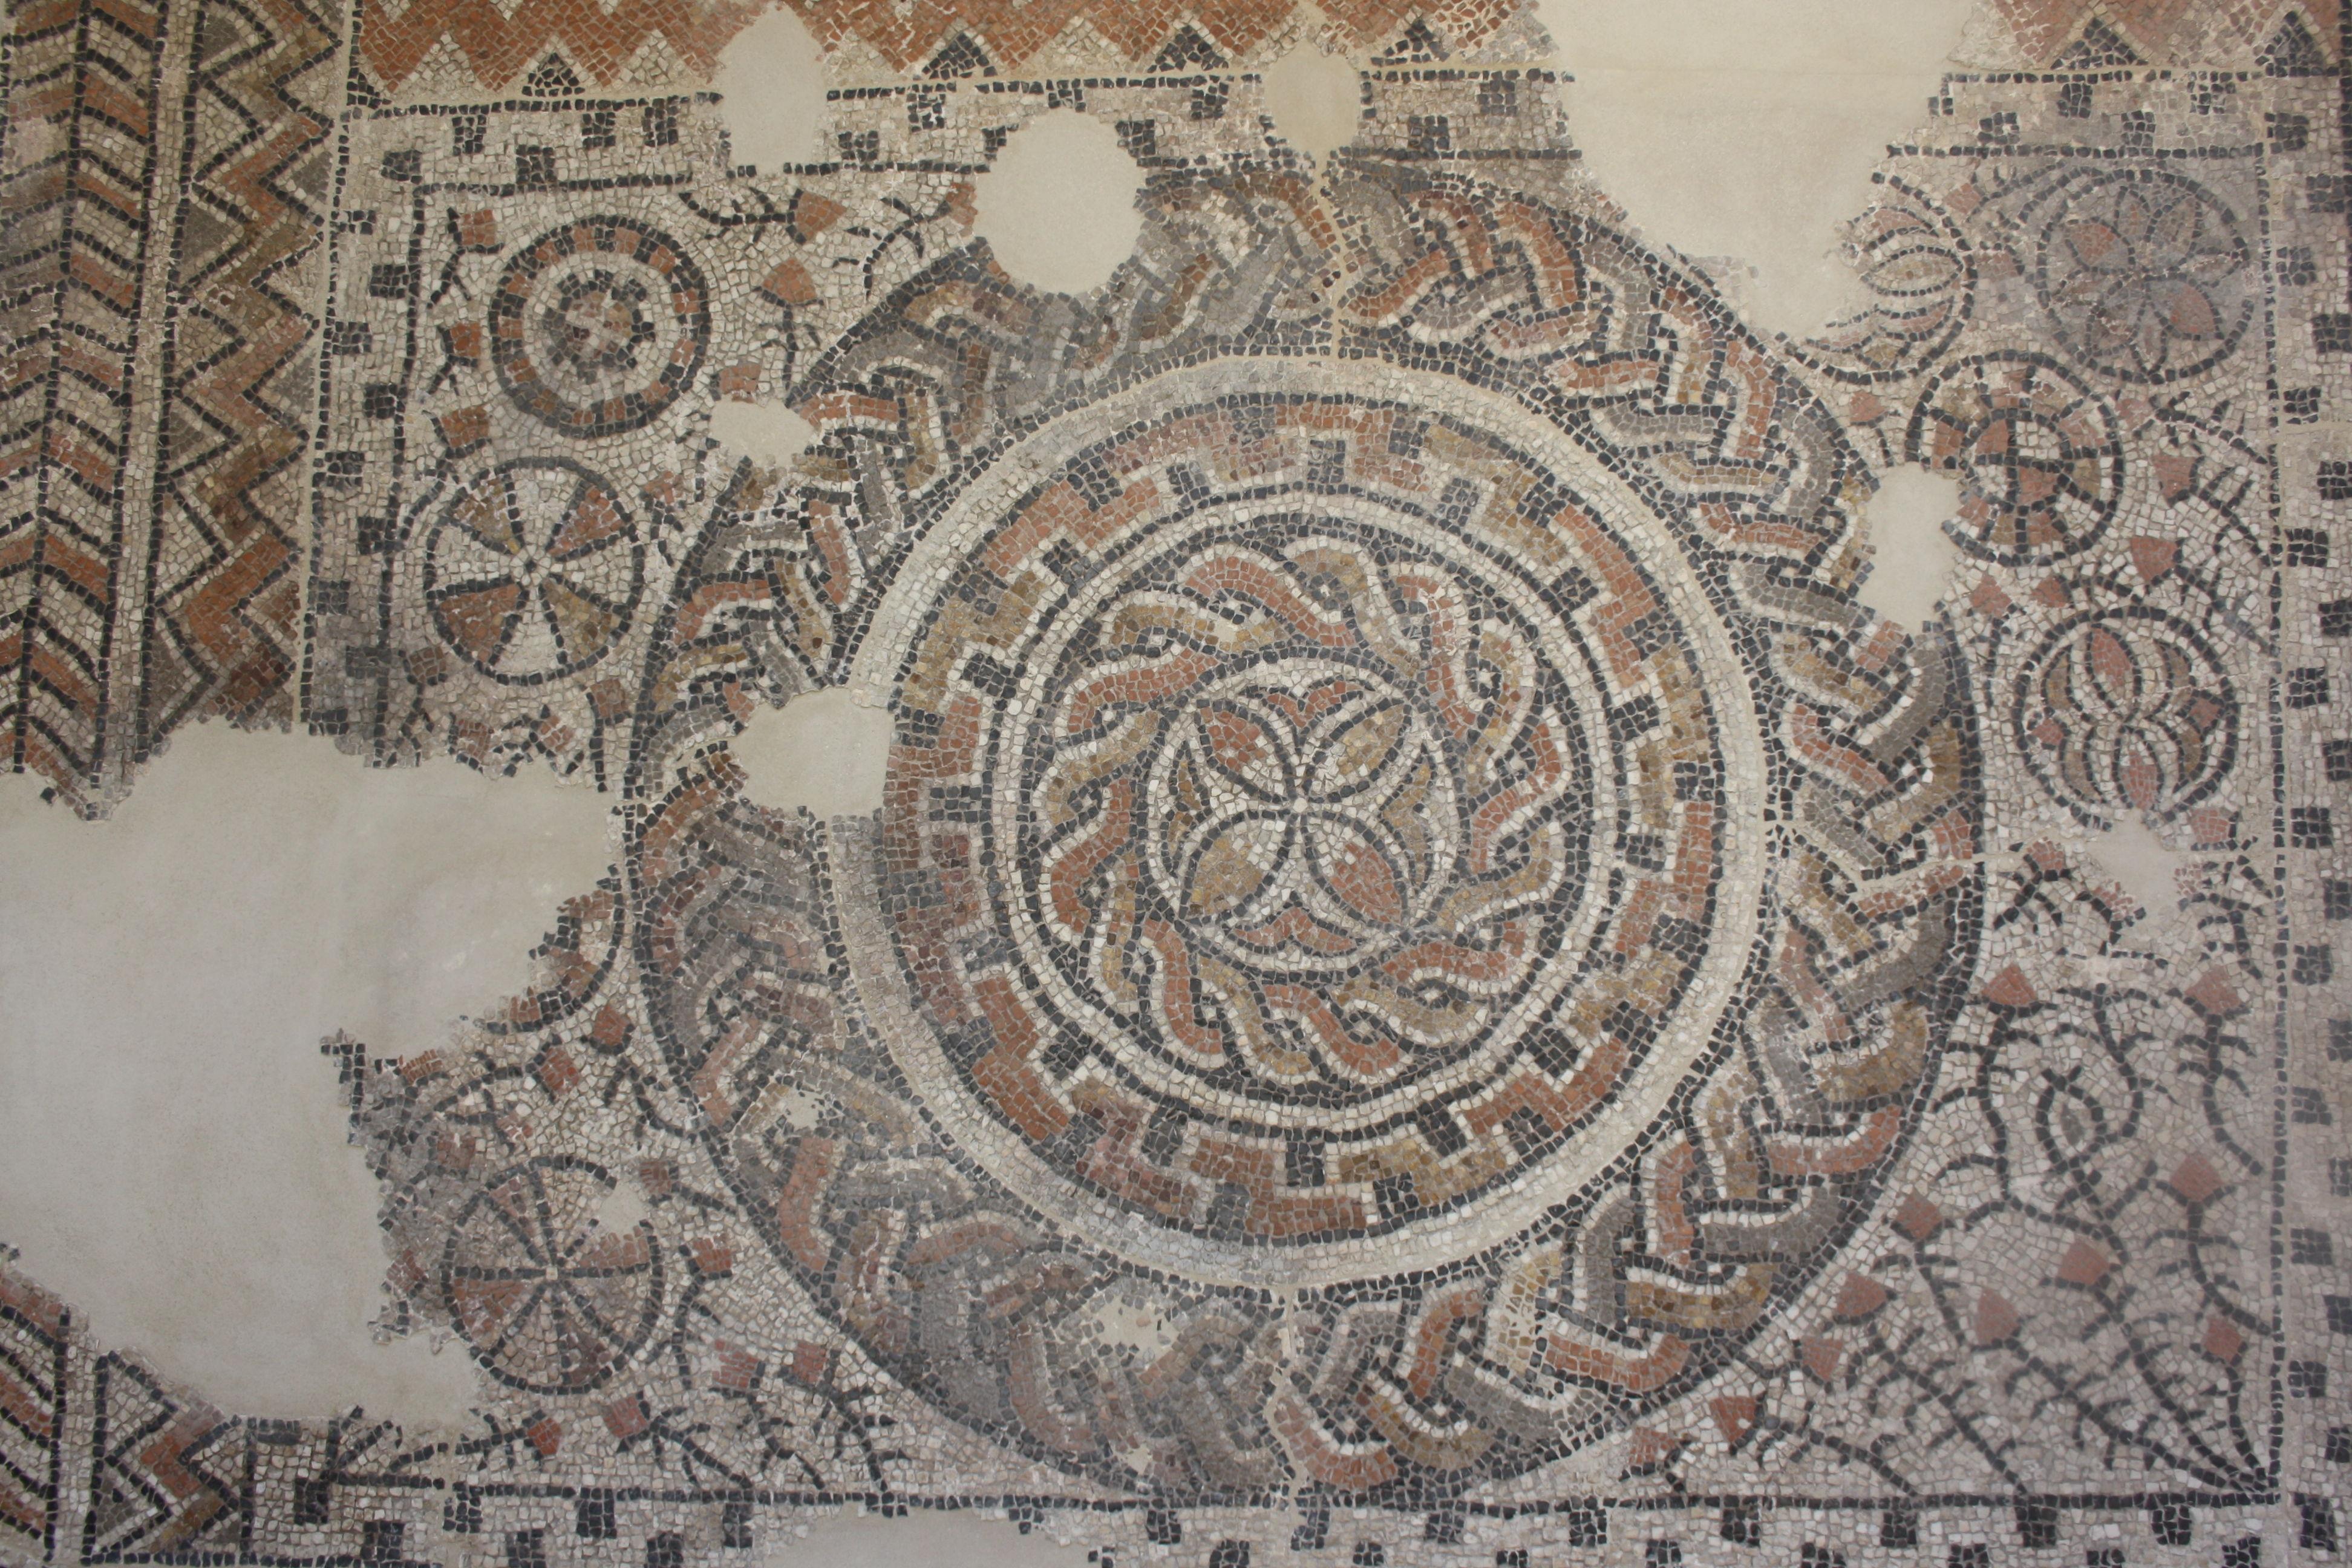 Mosaico romano hecho de teselas en el Museo Arqueológico